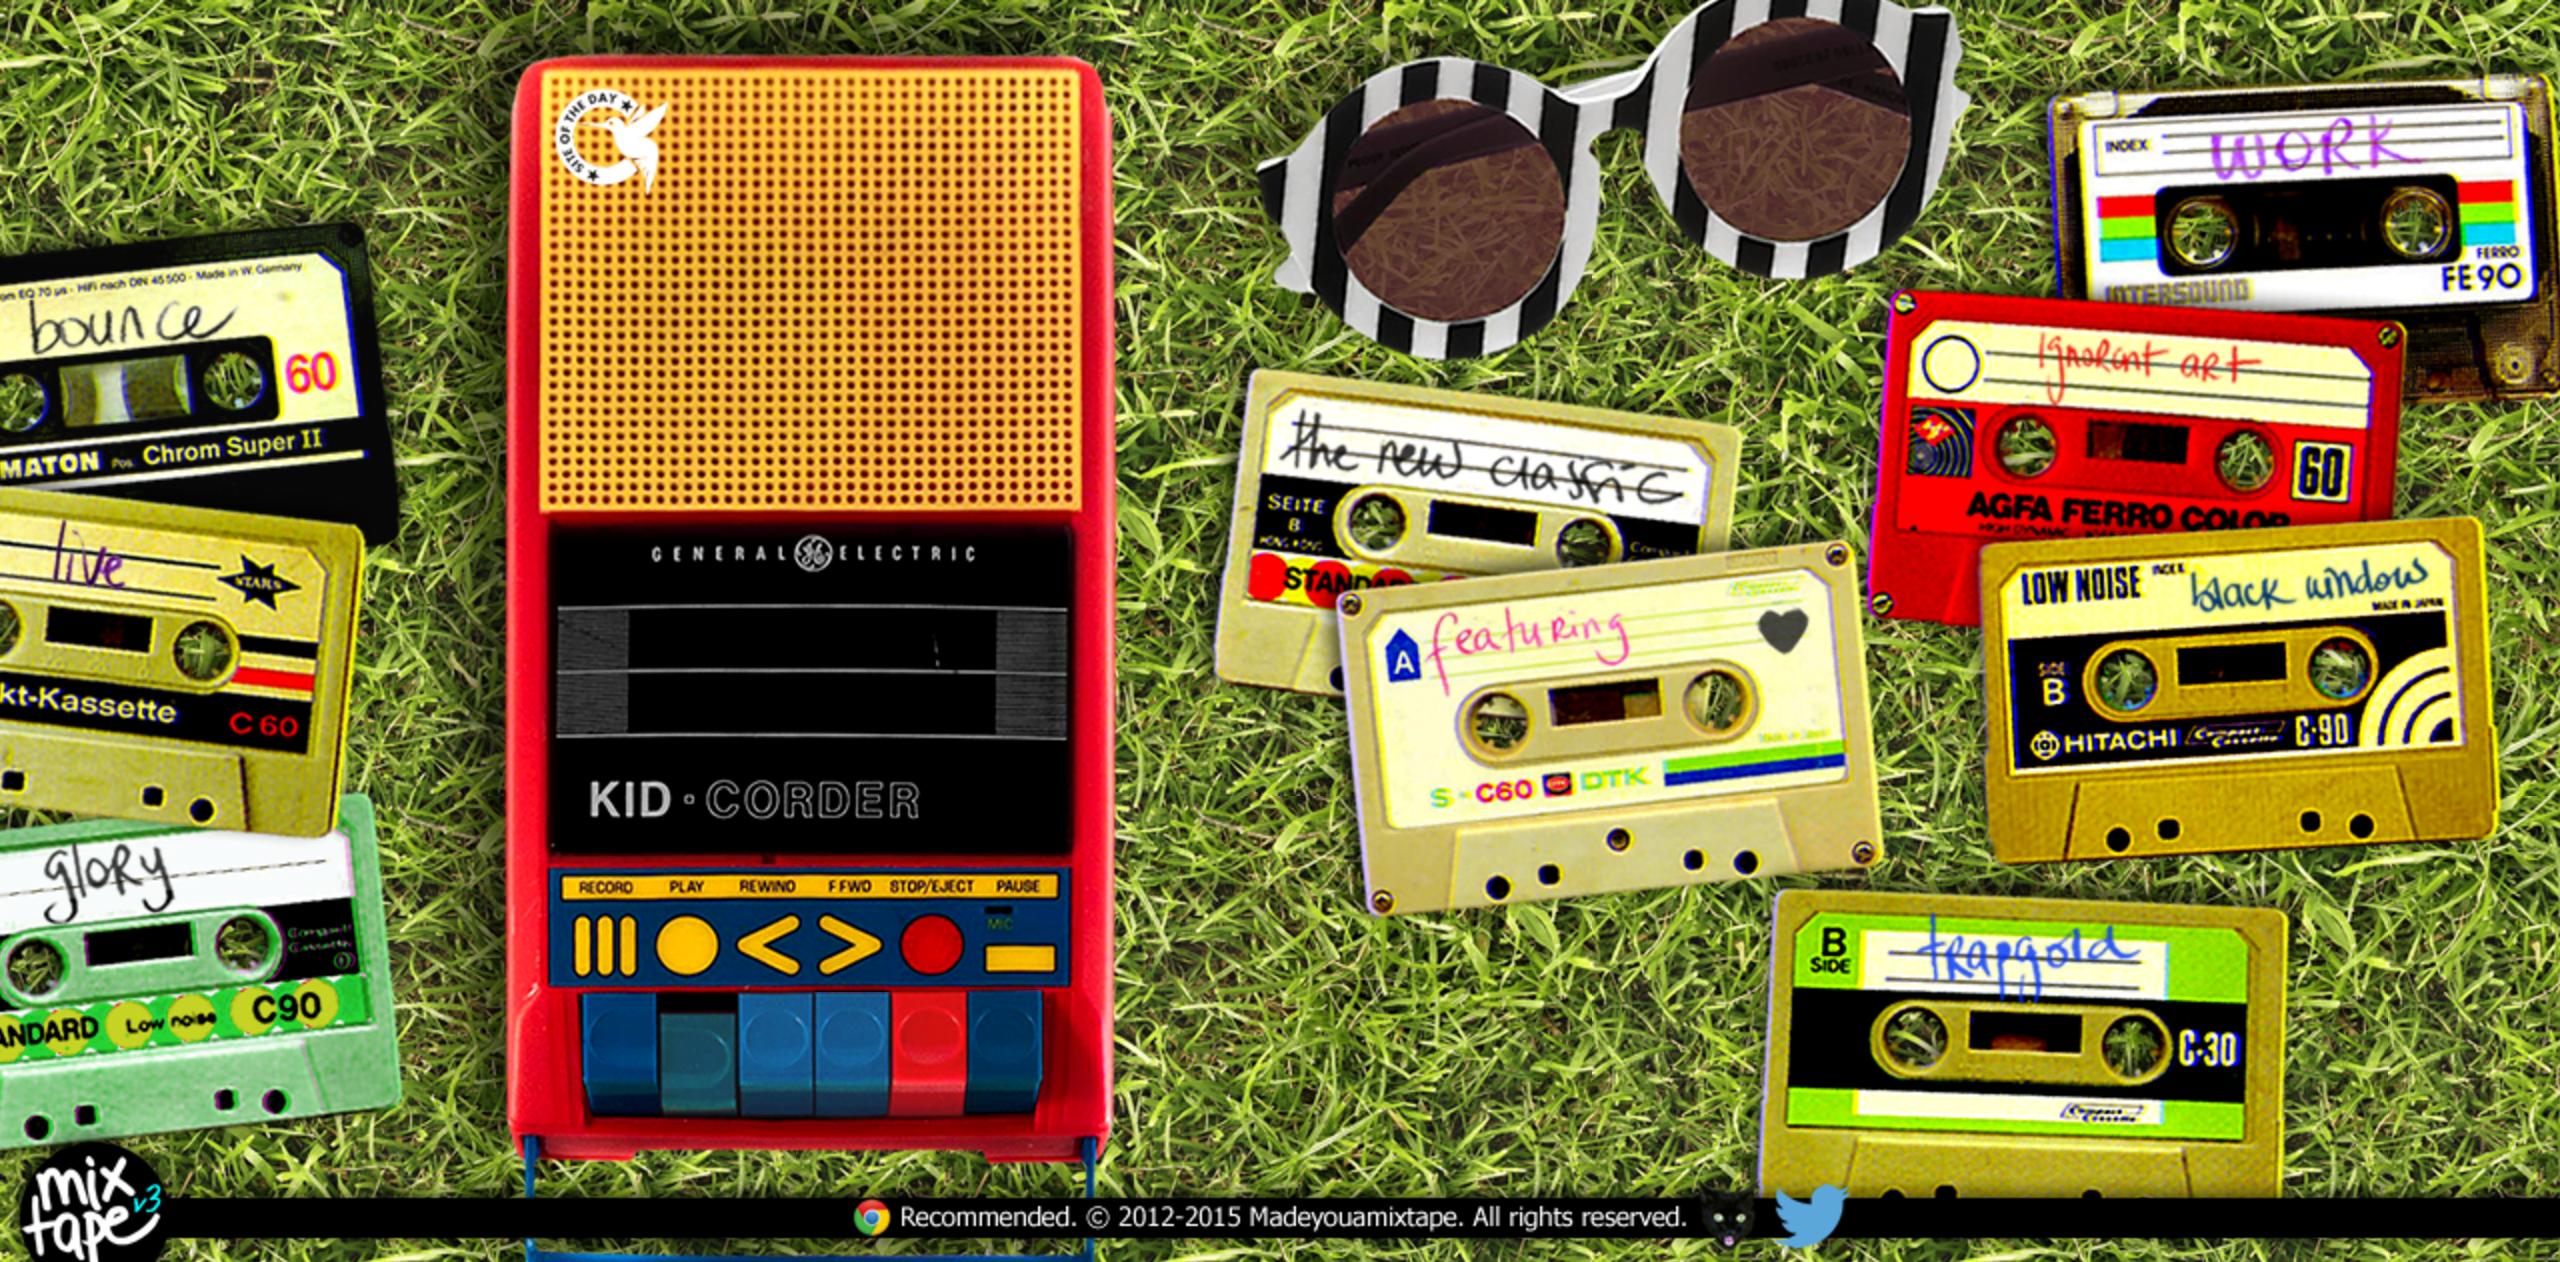 Iggy Made You a Mixtape